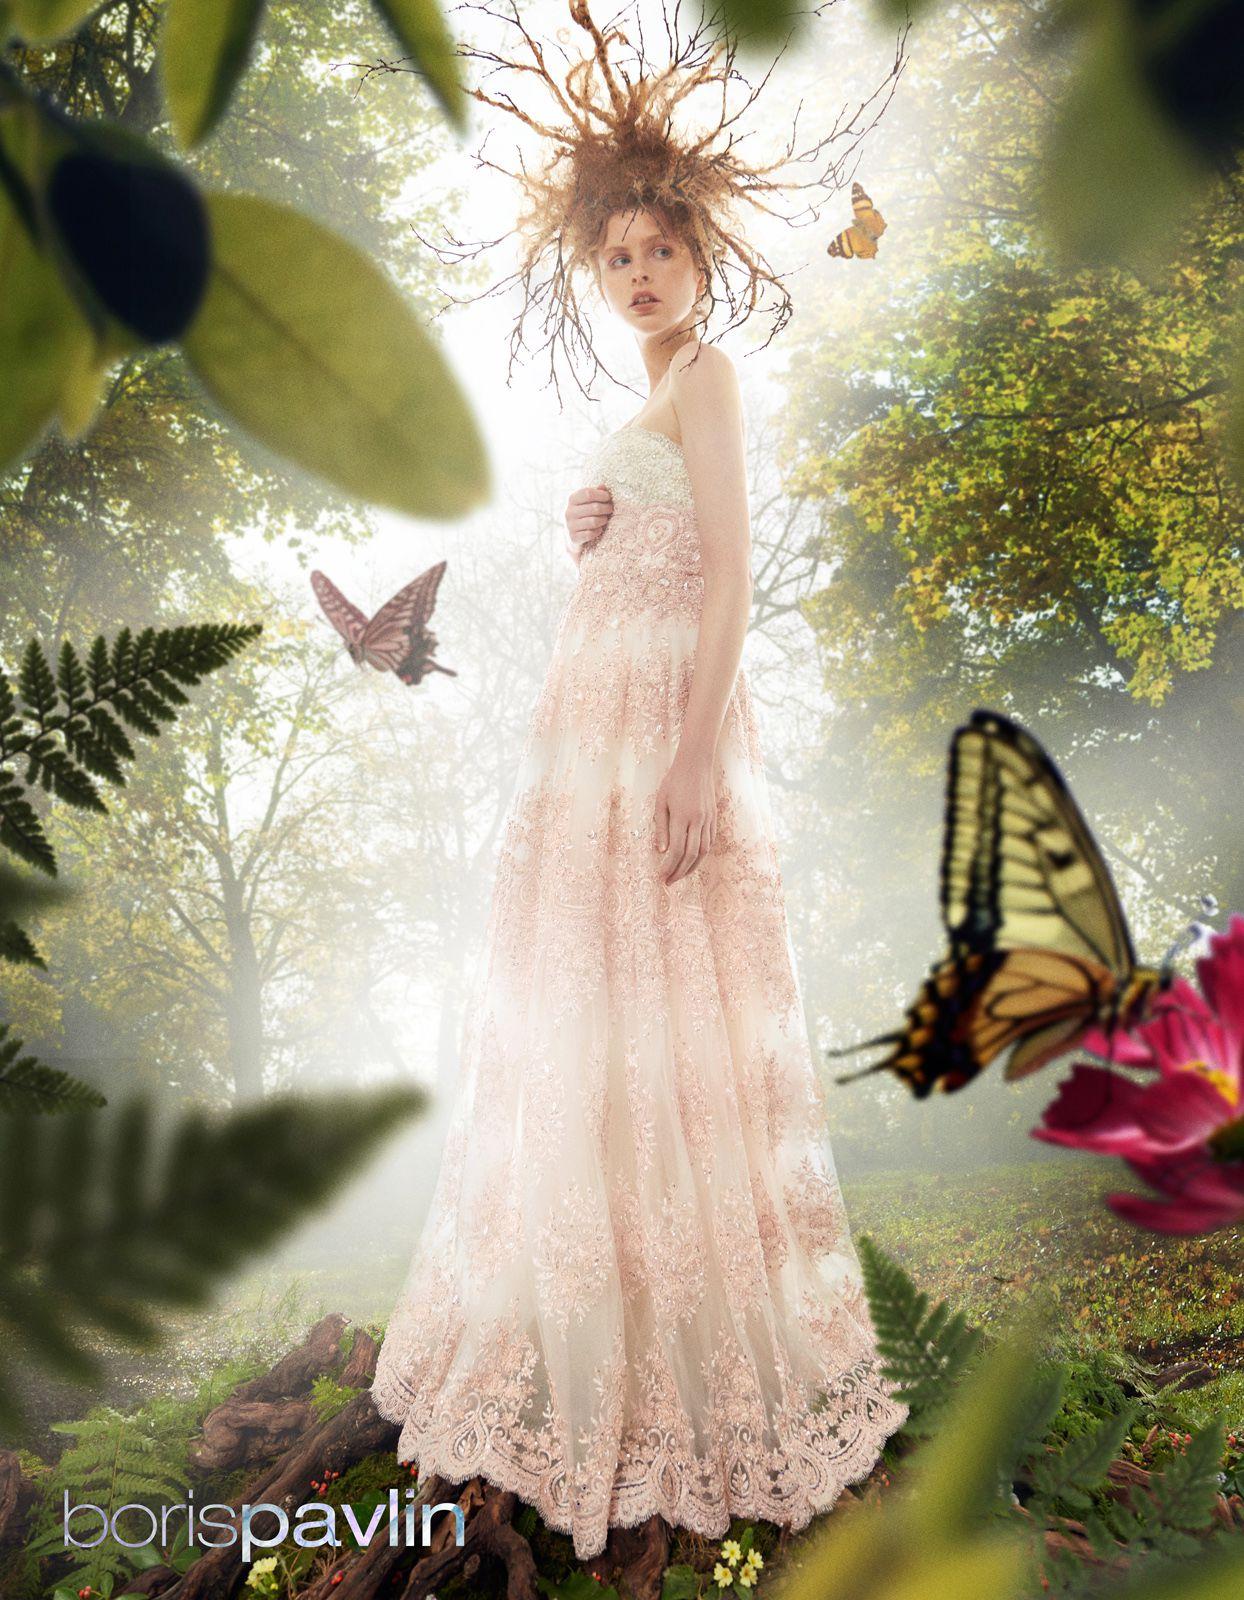 Haljine od svile urešene su tisućama perlica, a žensko tijelo  obavijaju poput zraka svjetlosti